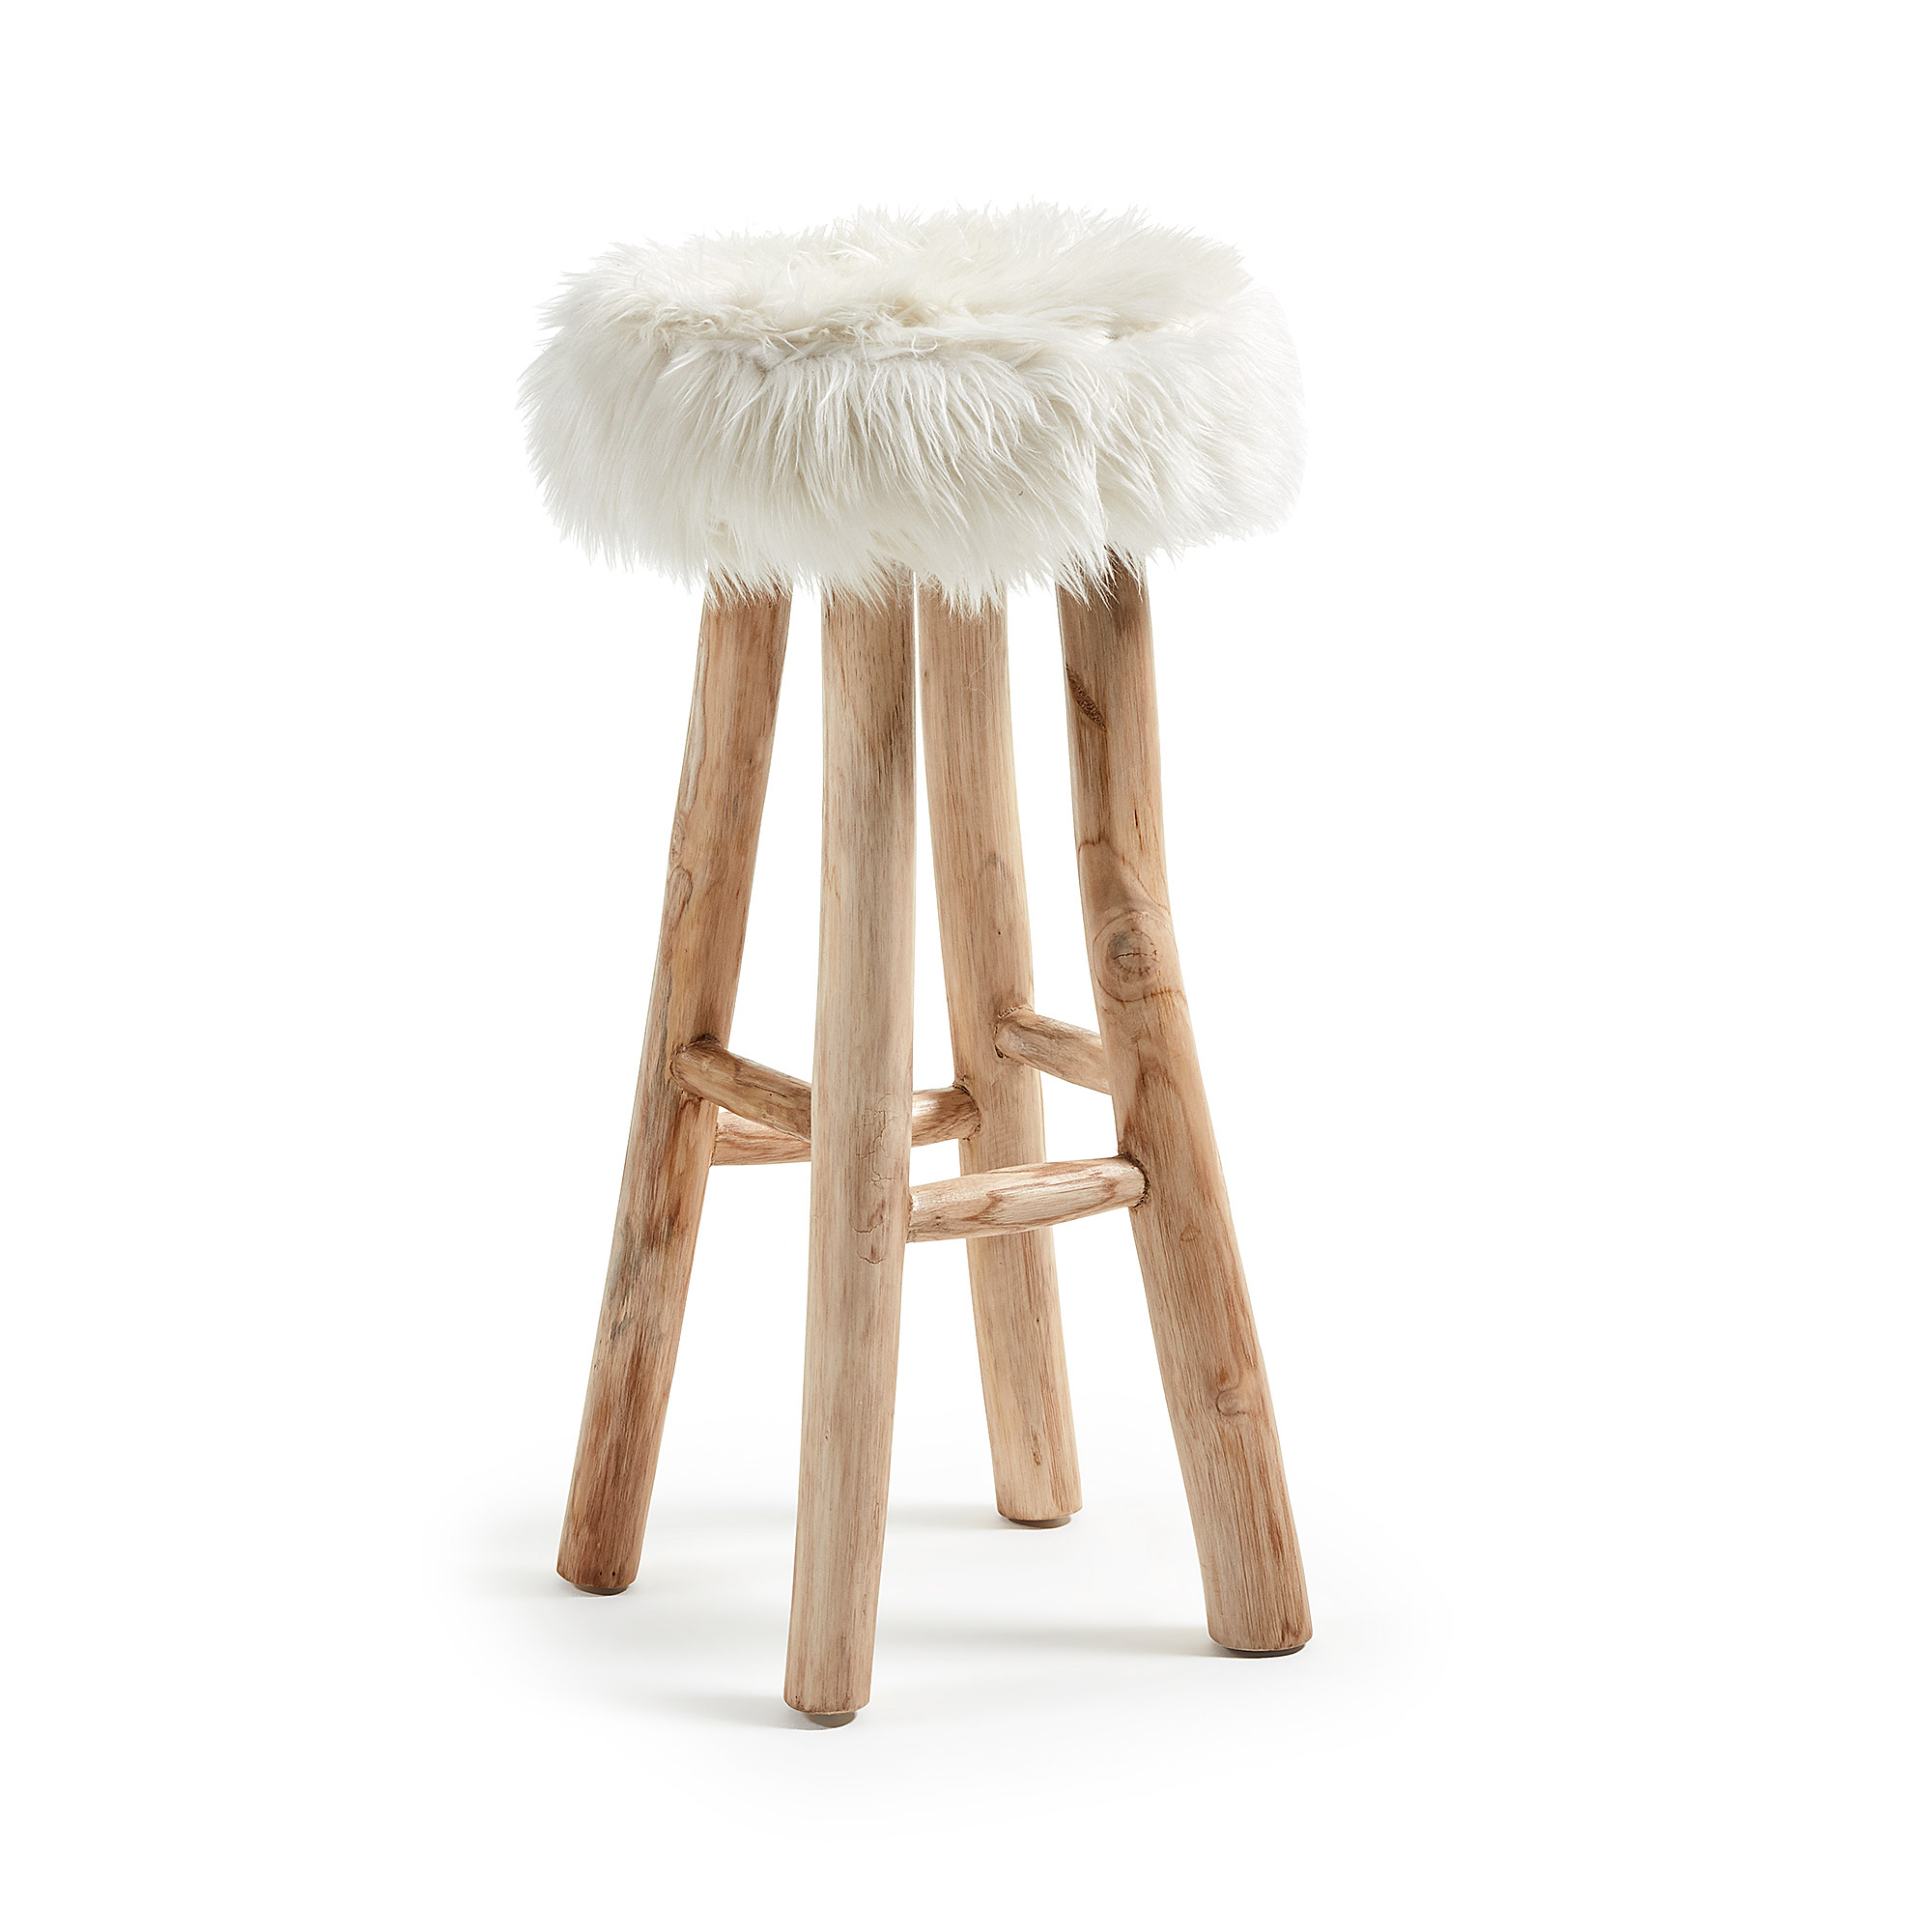 Barkrukken & Barstoelen van Kave Home kopen met korting